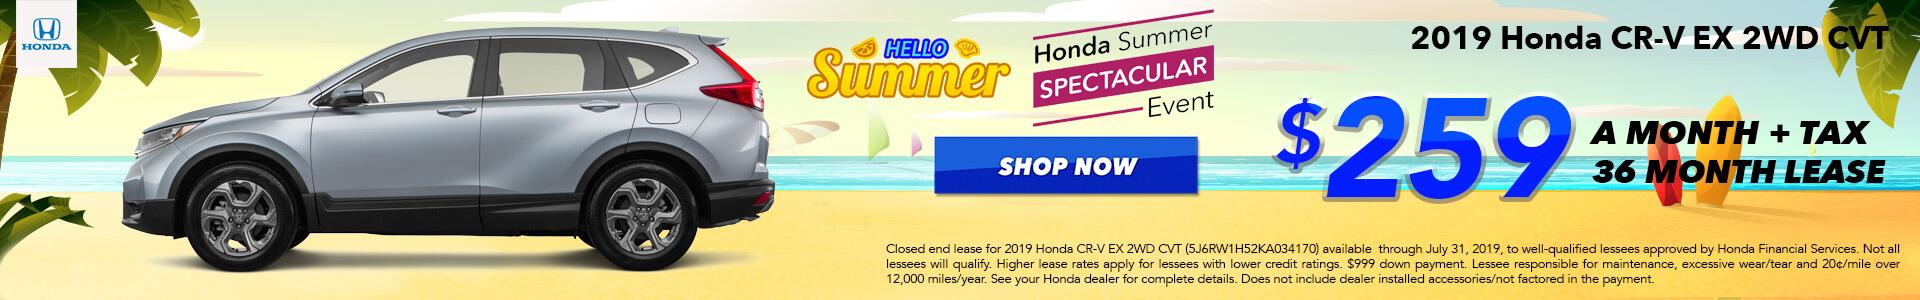 2019 Honda CR-V EX Lease for $259